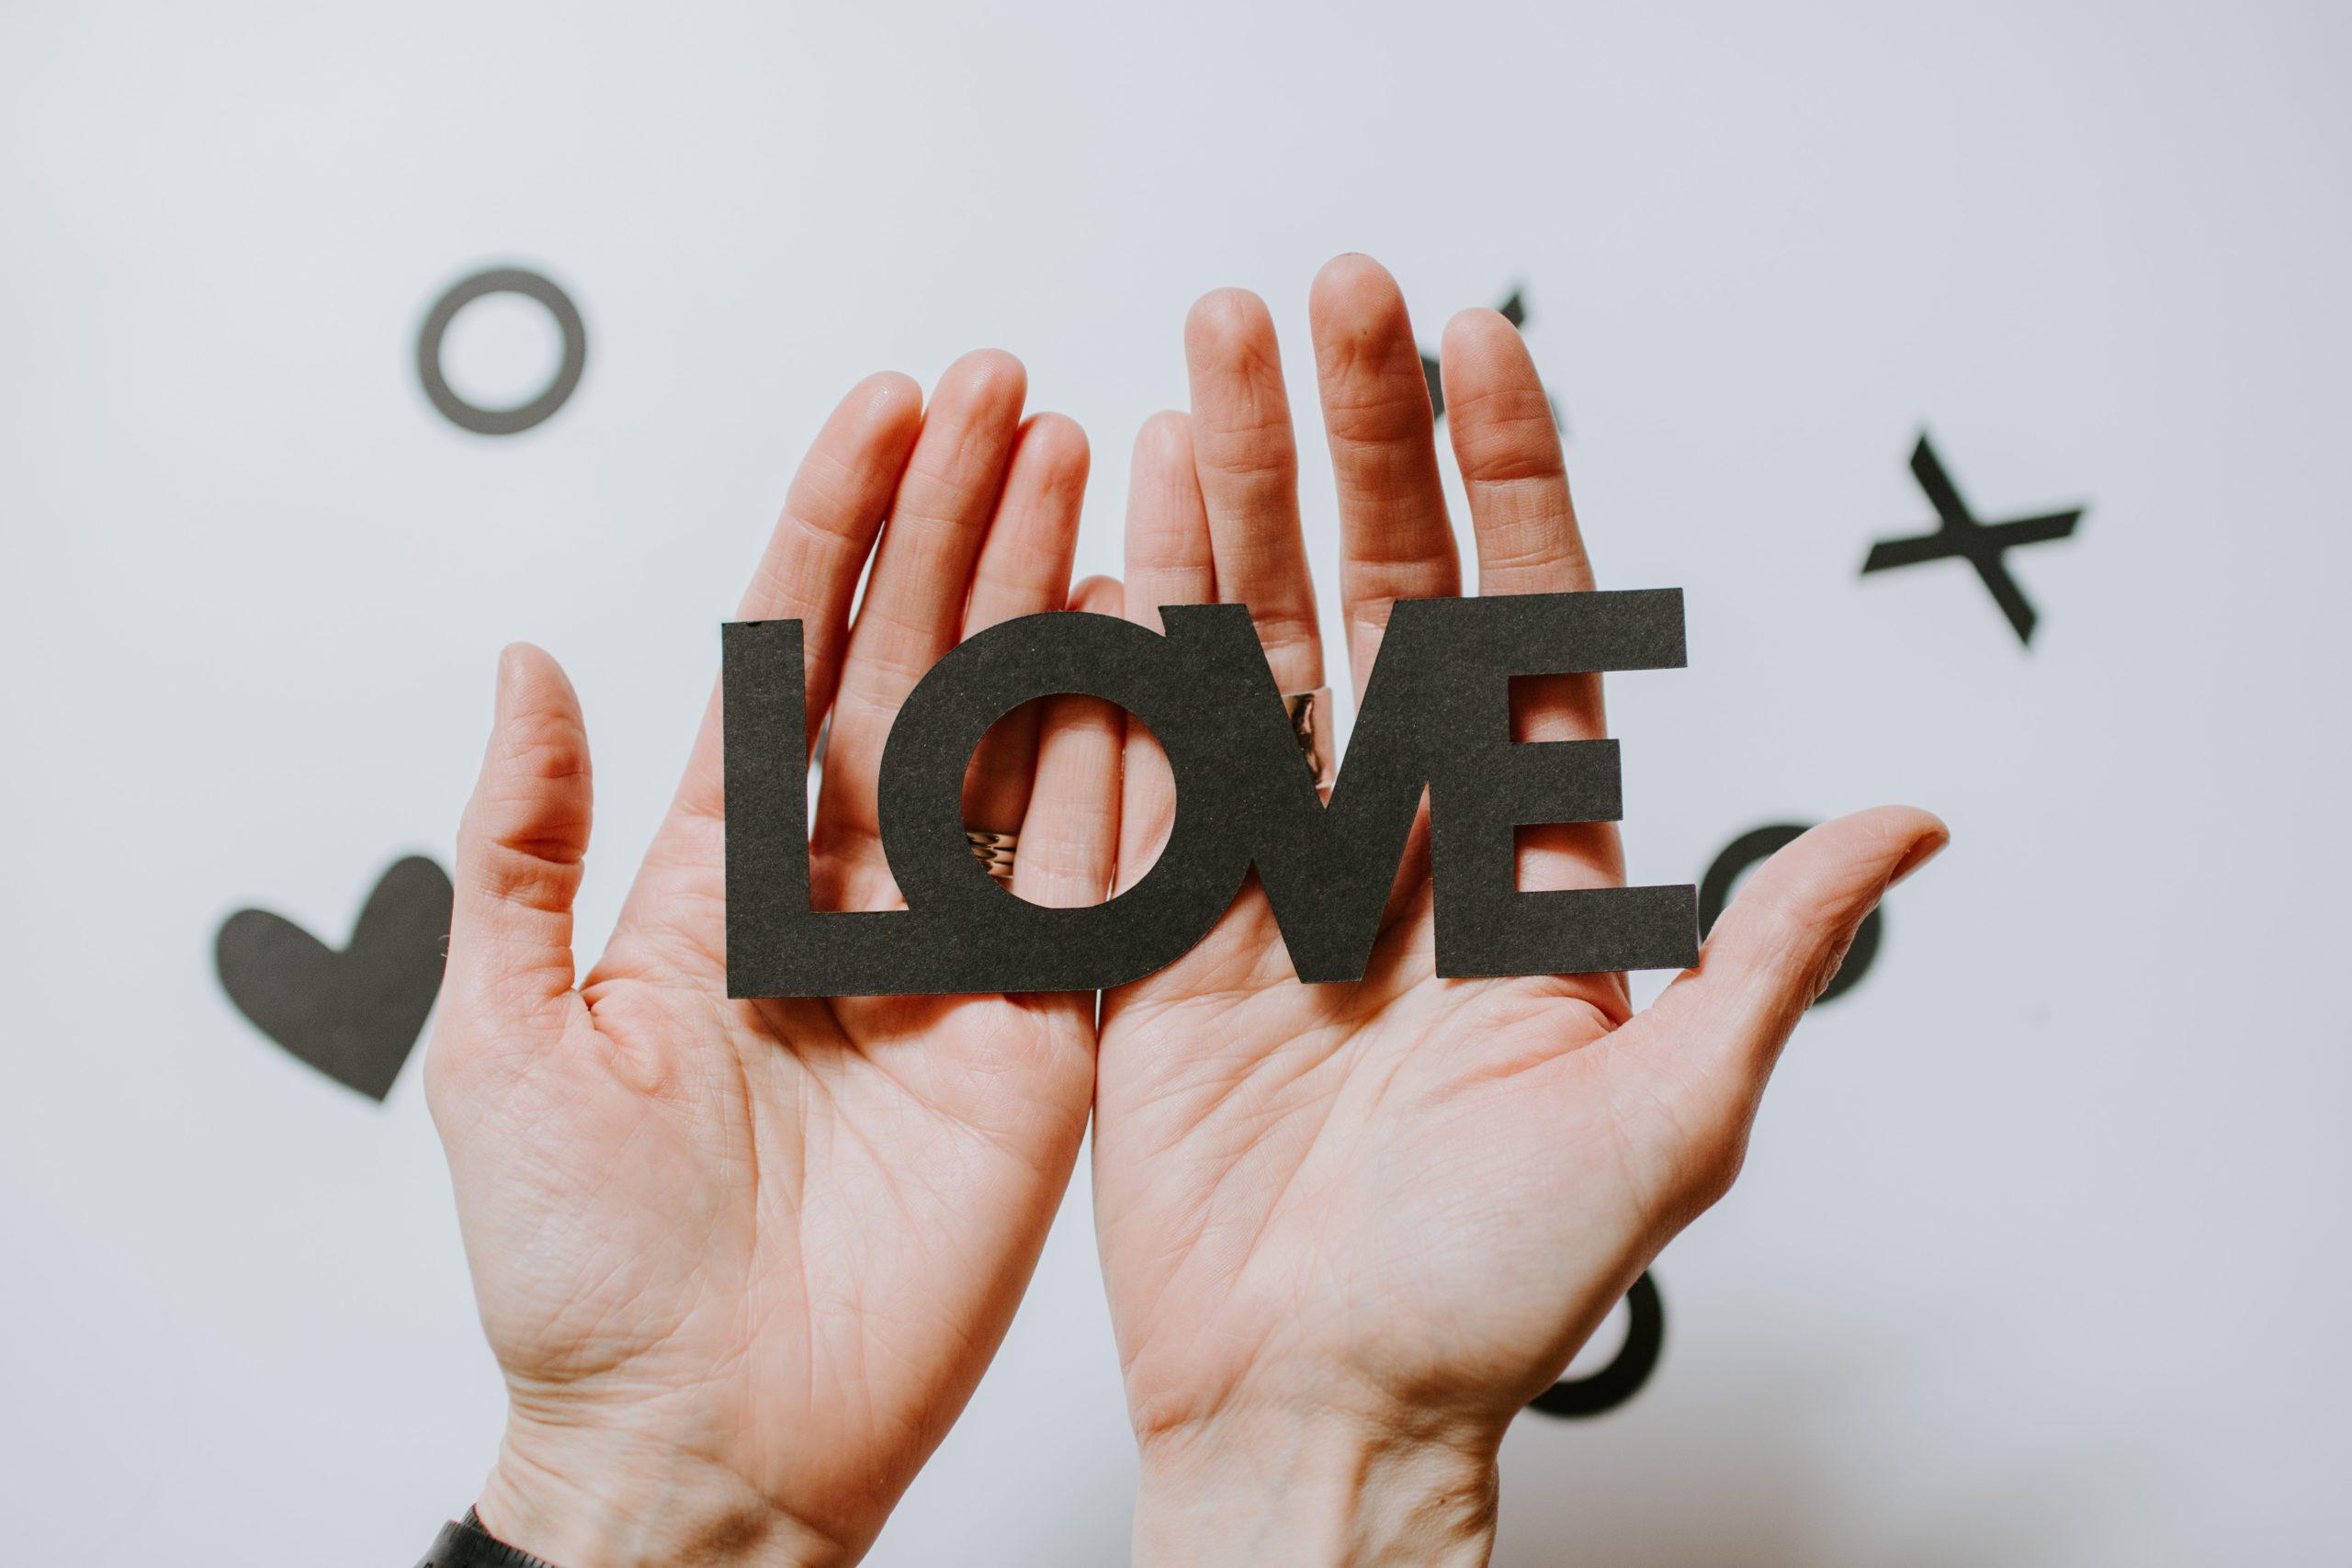 愛されているか不安な方へ。愛されているか不安症候群の対処法とは?